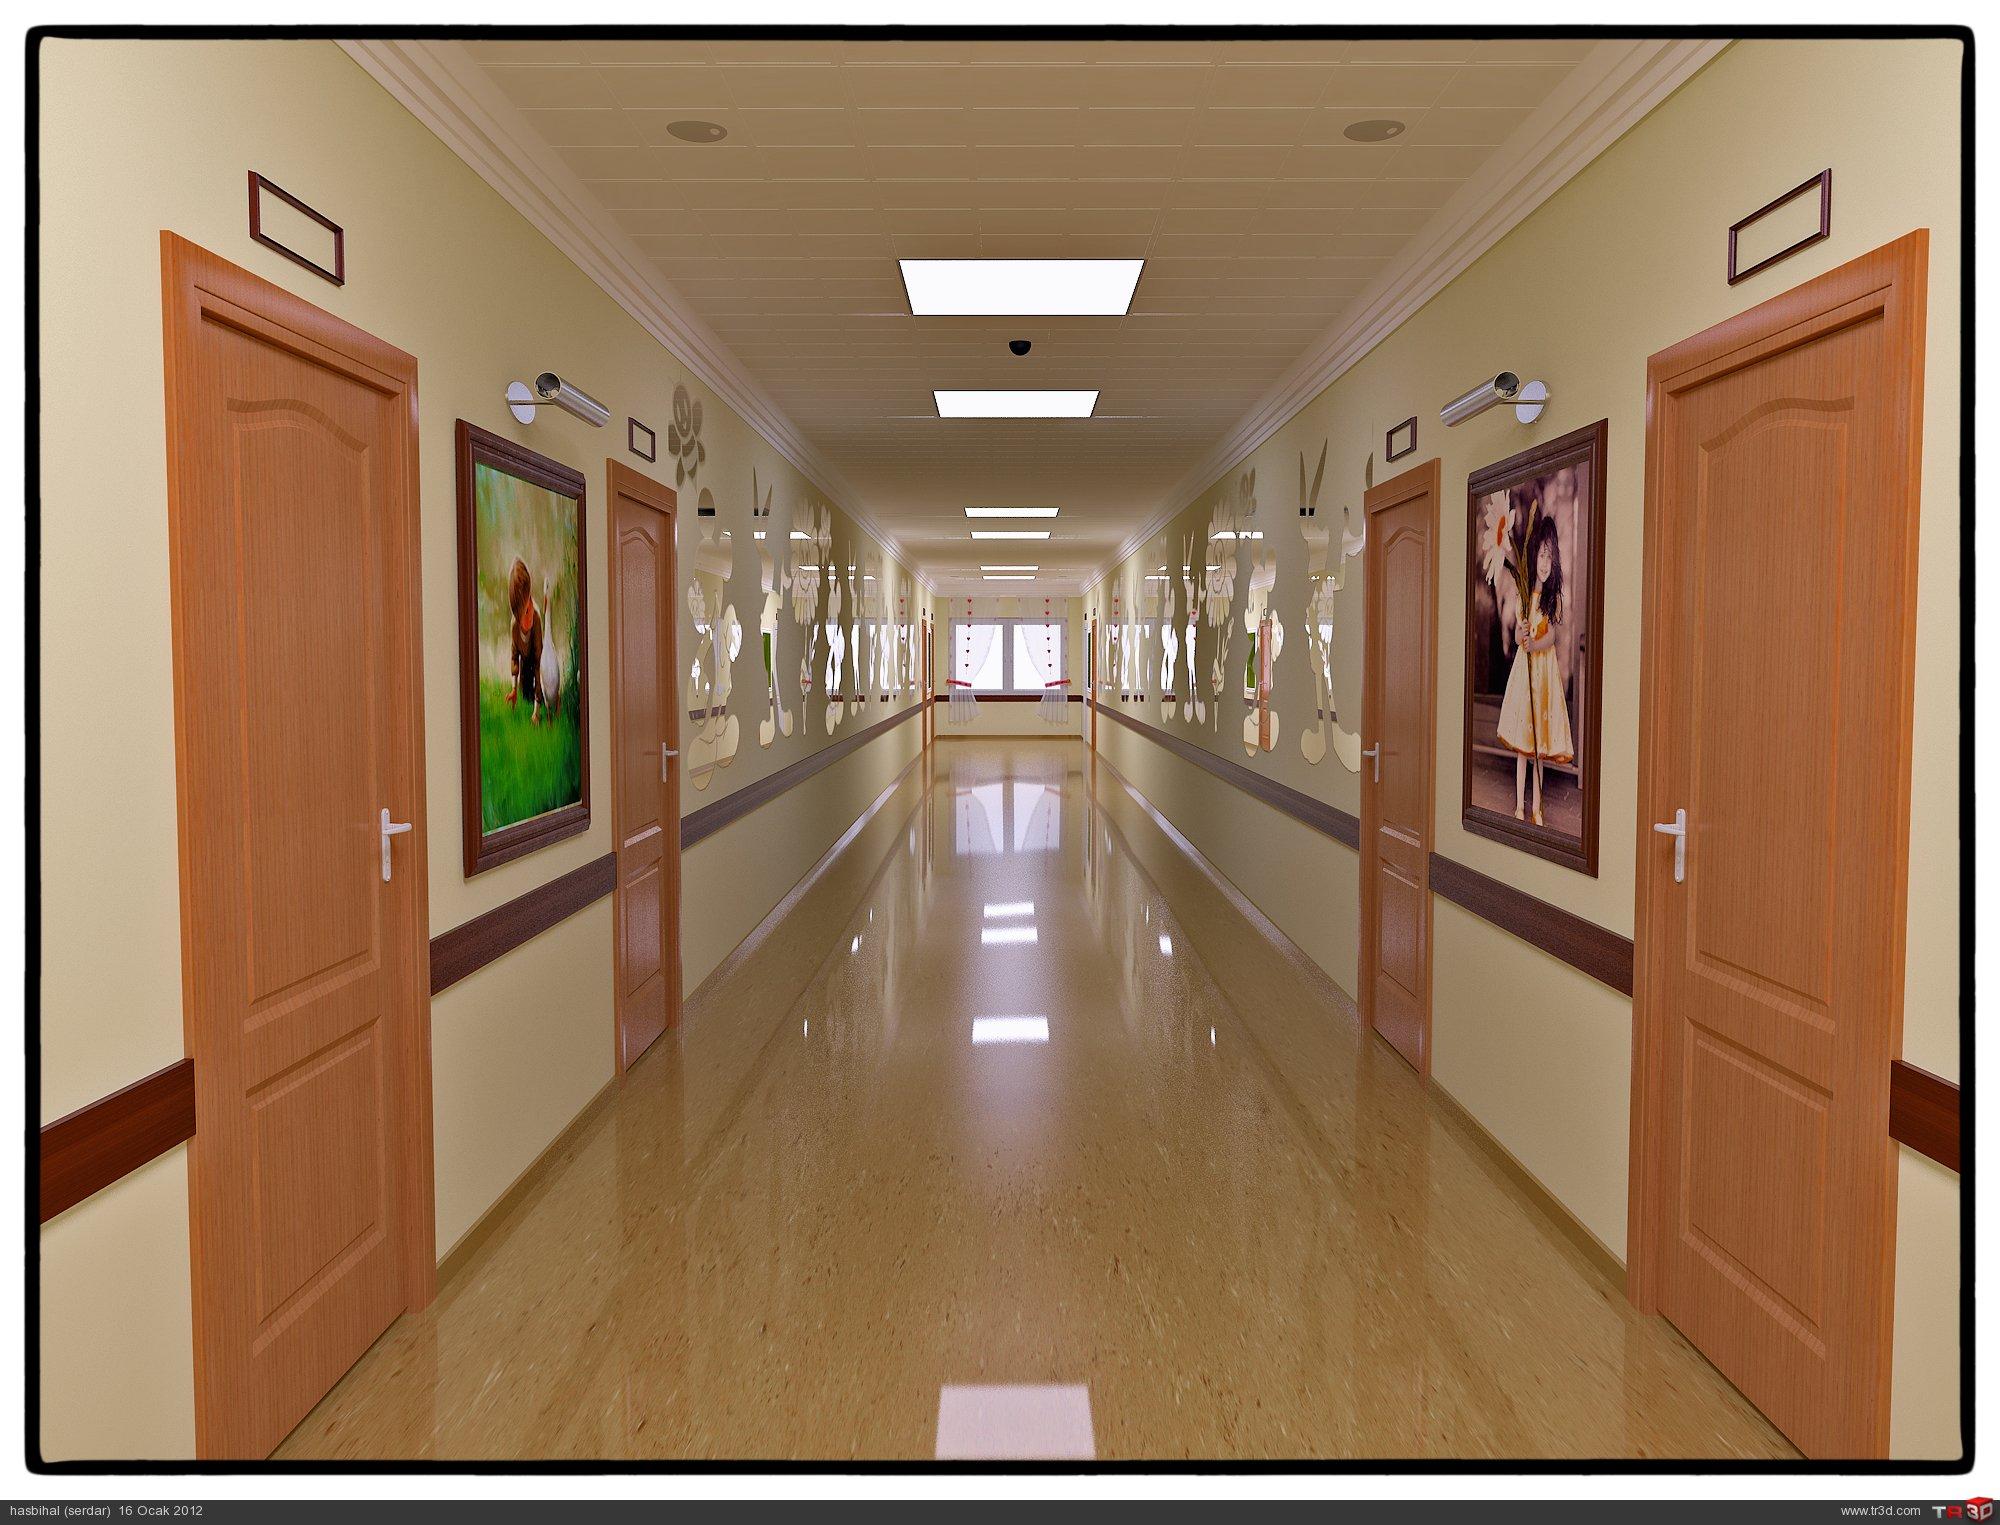 оформление коридоров в колледже фото рассматриваемого благородного